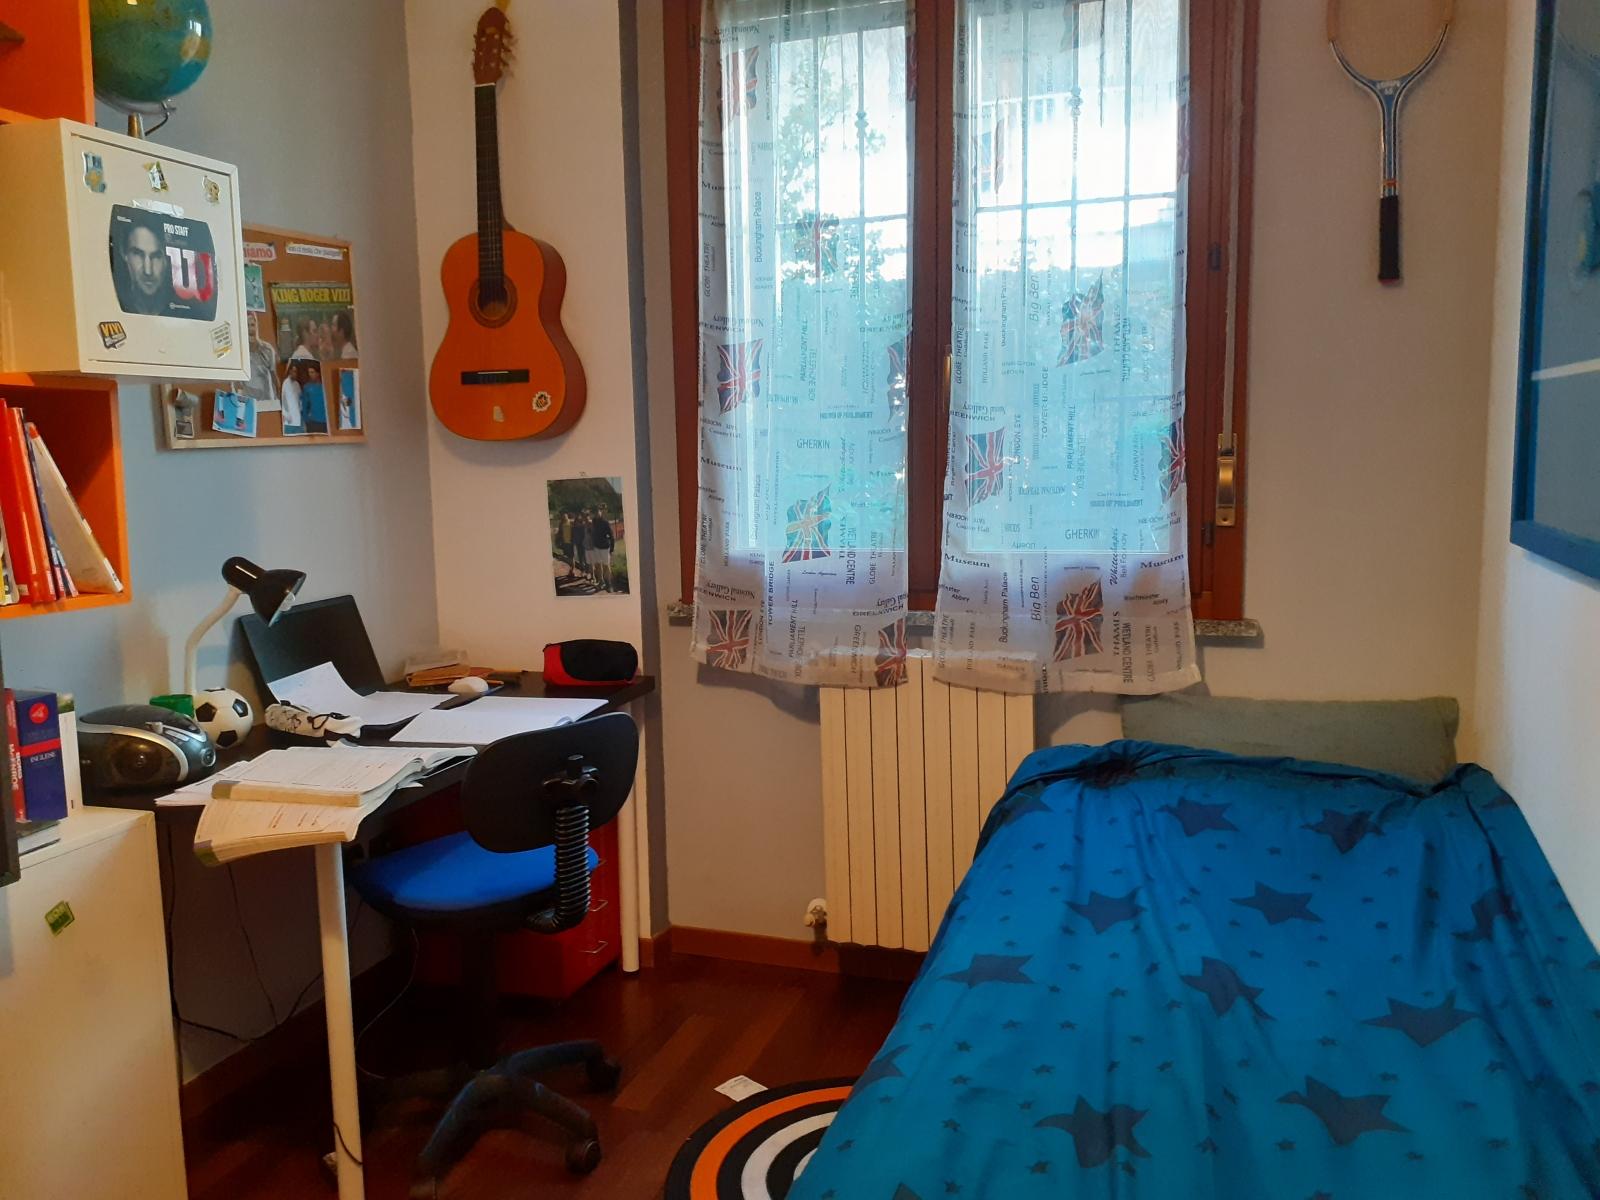 appartamento-in-vendita-cesano-boscone-milano-spaziourbano-immobiliare-vende-15